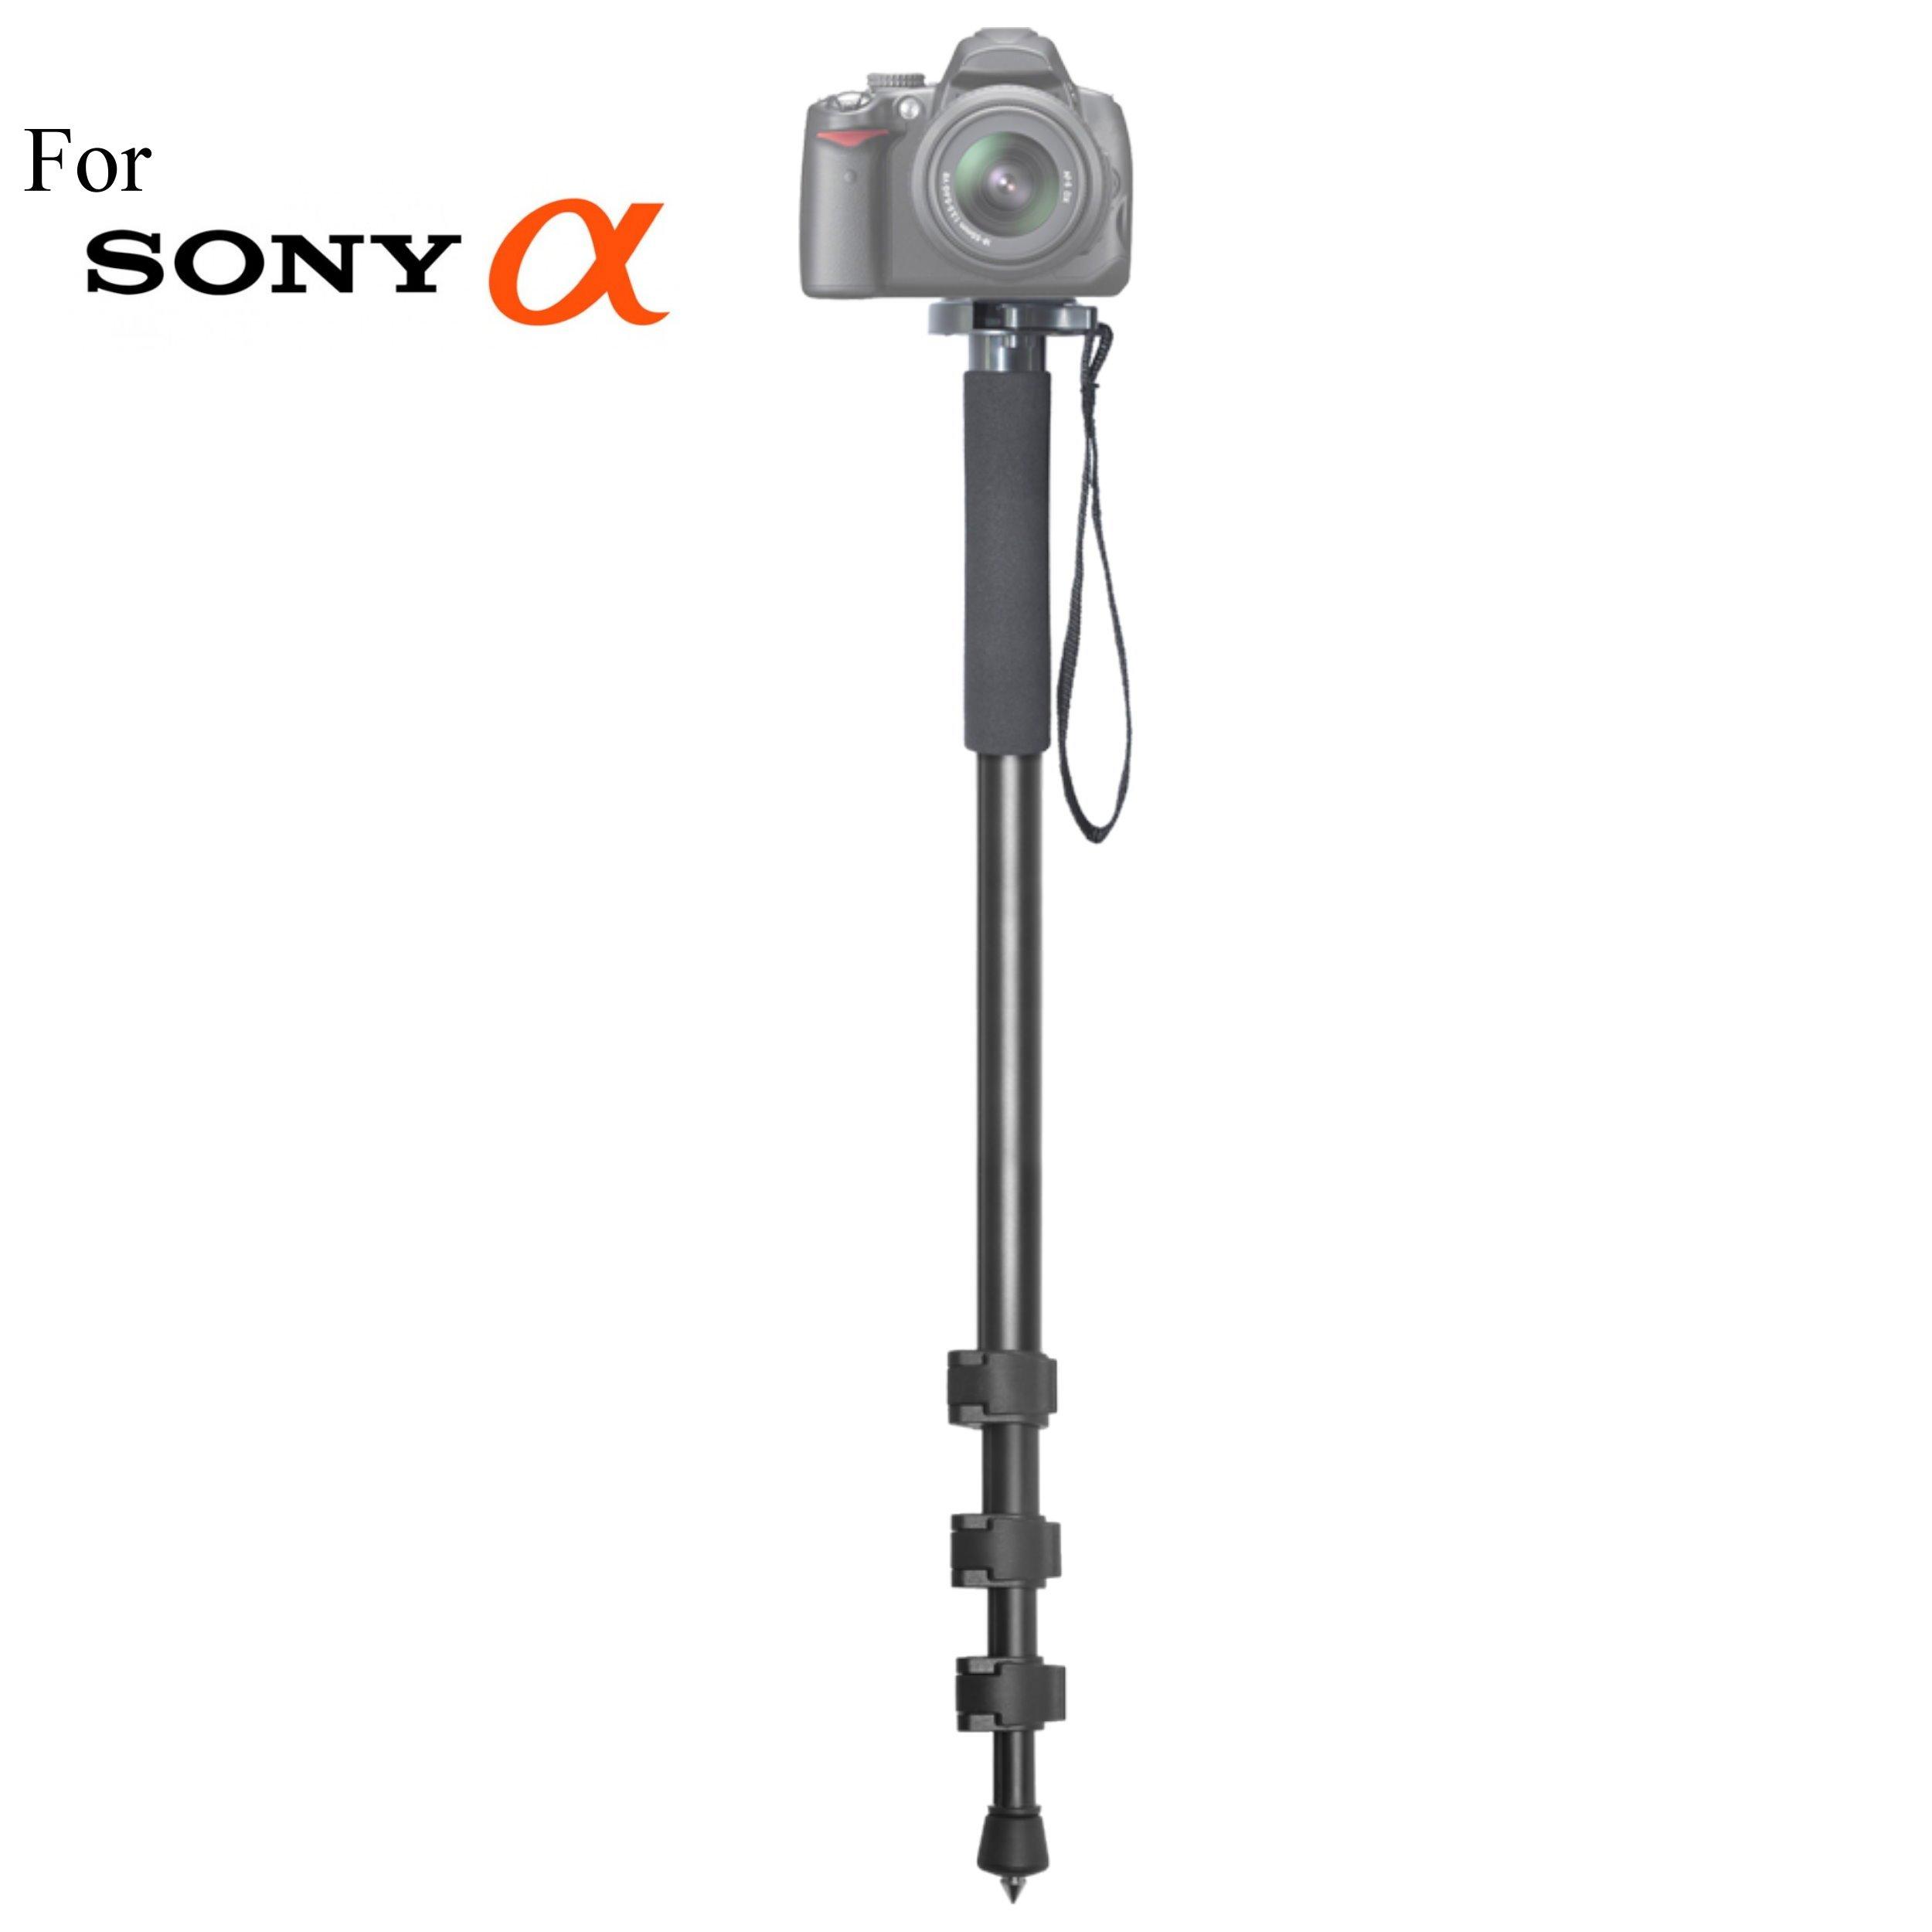 Versatile 72'' Monopod Camera Stick + Quick Release for Sony Alpha DSLR-A100, DSLR-A200, DSLR-A230, DSLR-A290, DSLR-A300, DSLR-A330, DSLR-A350, DSLR-A380 Cameras: Collapsible Mono pod, Mono-pod